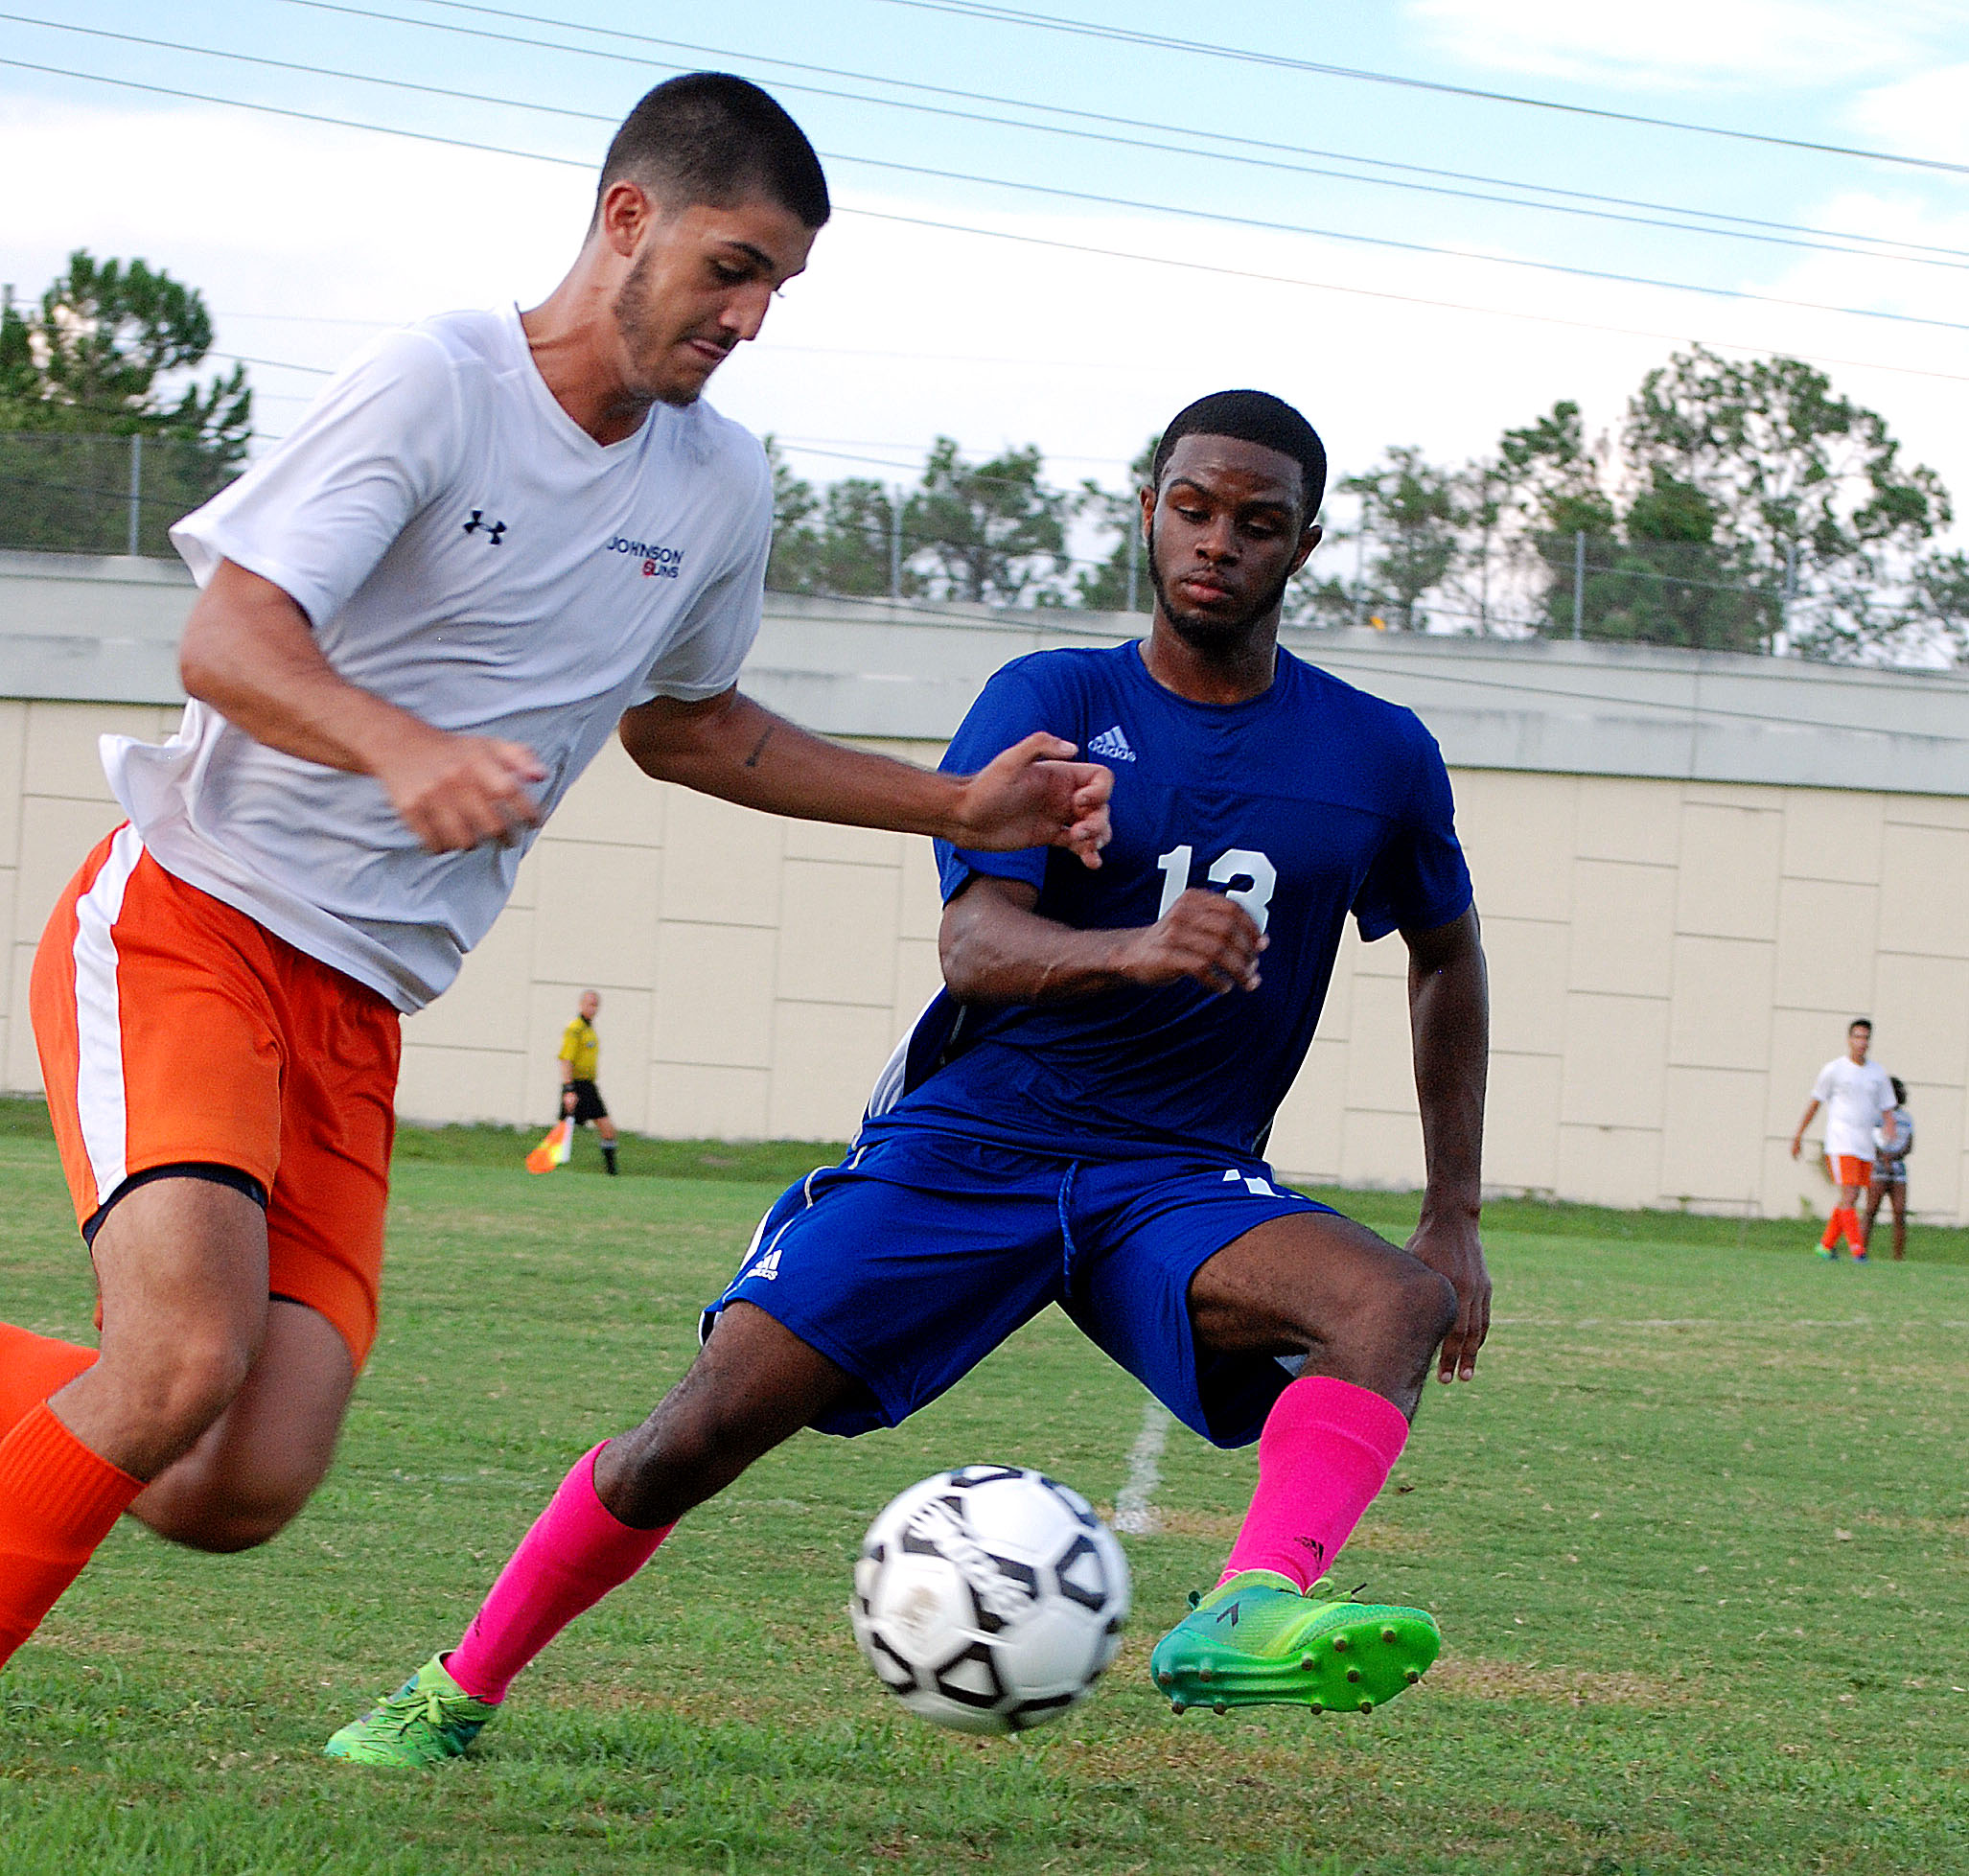 UB Athletics to host Northern Bahamas recruitment exercise